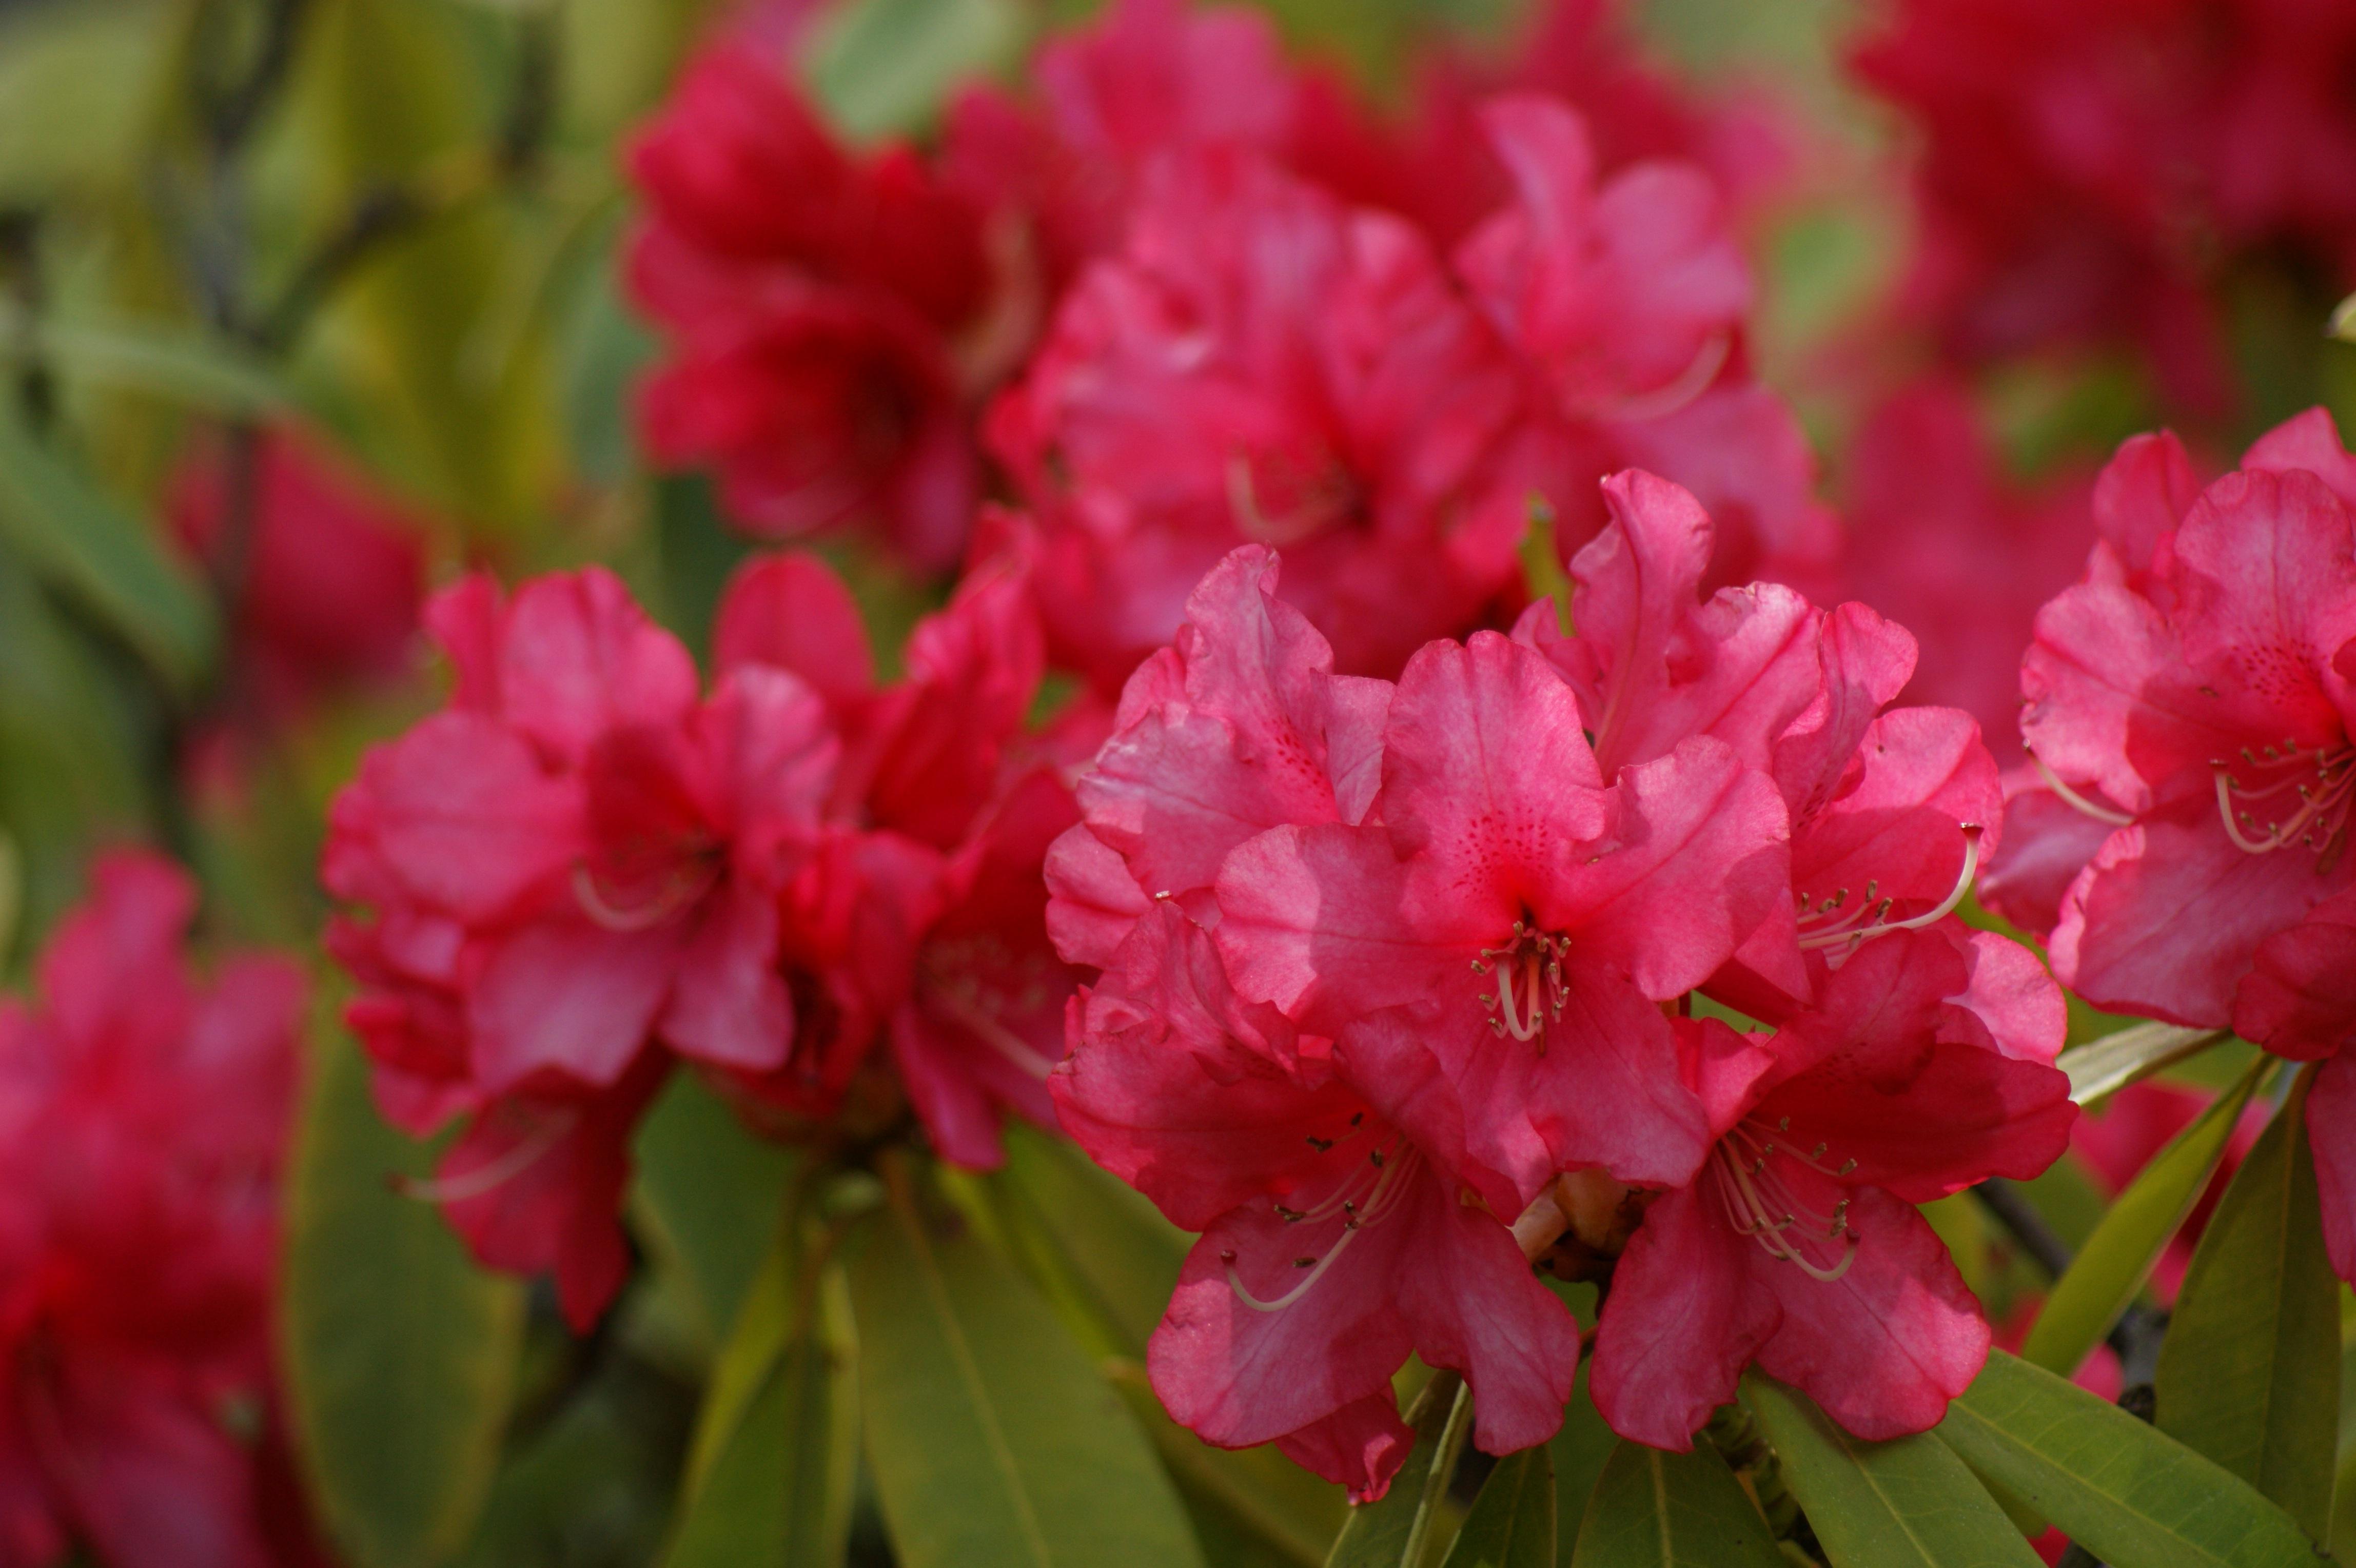 Free Images Blossom Flower Summer Floral Spring Botany